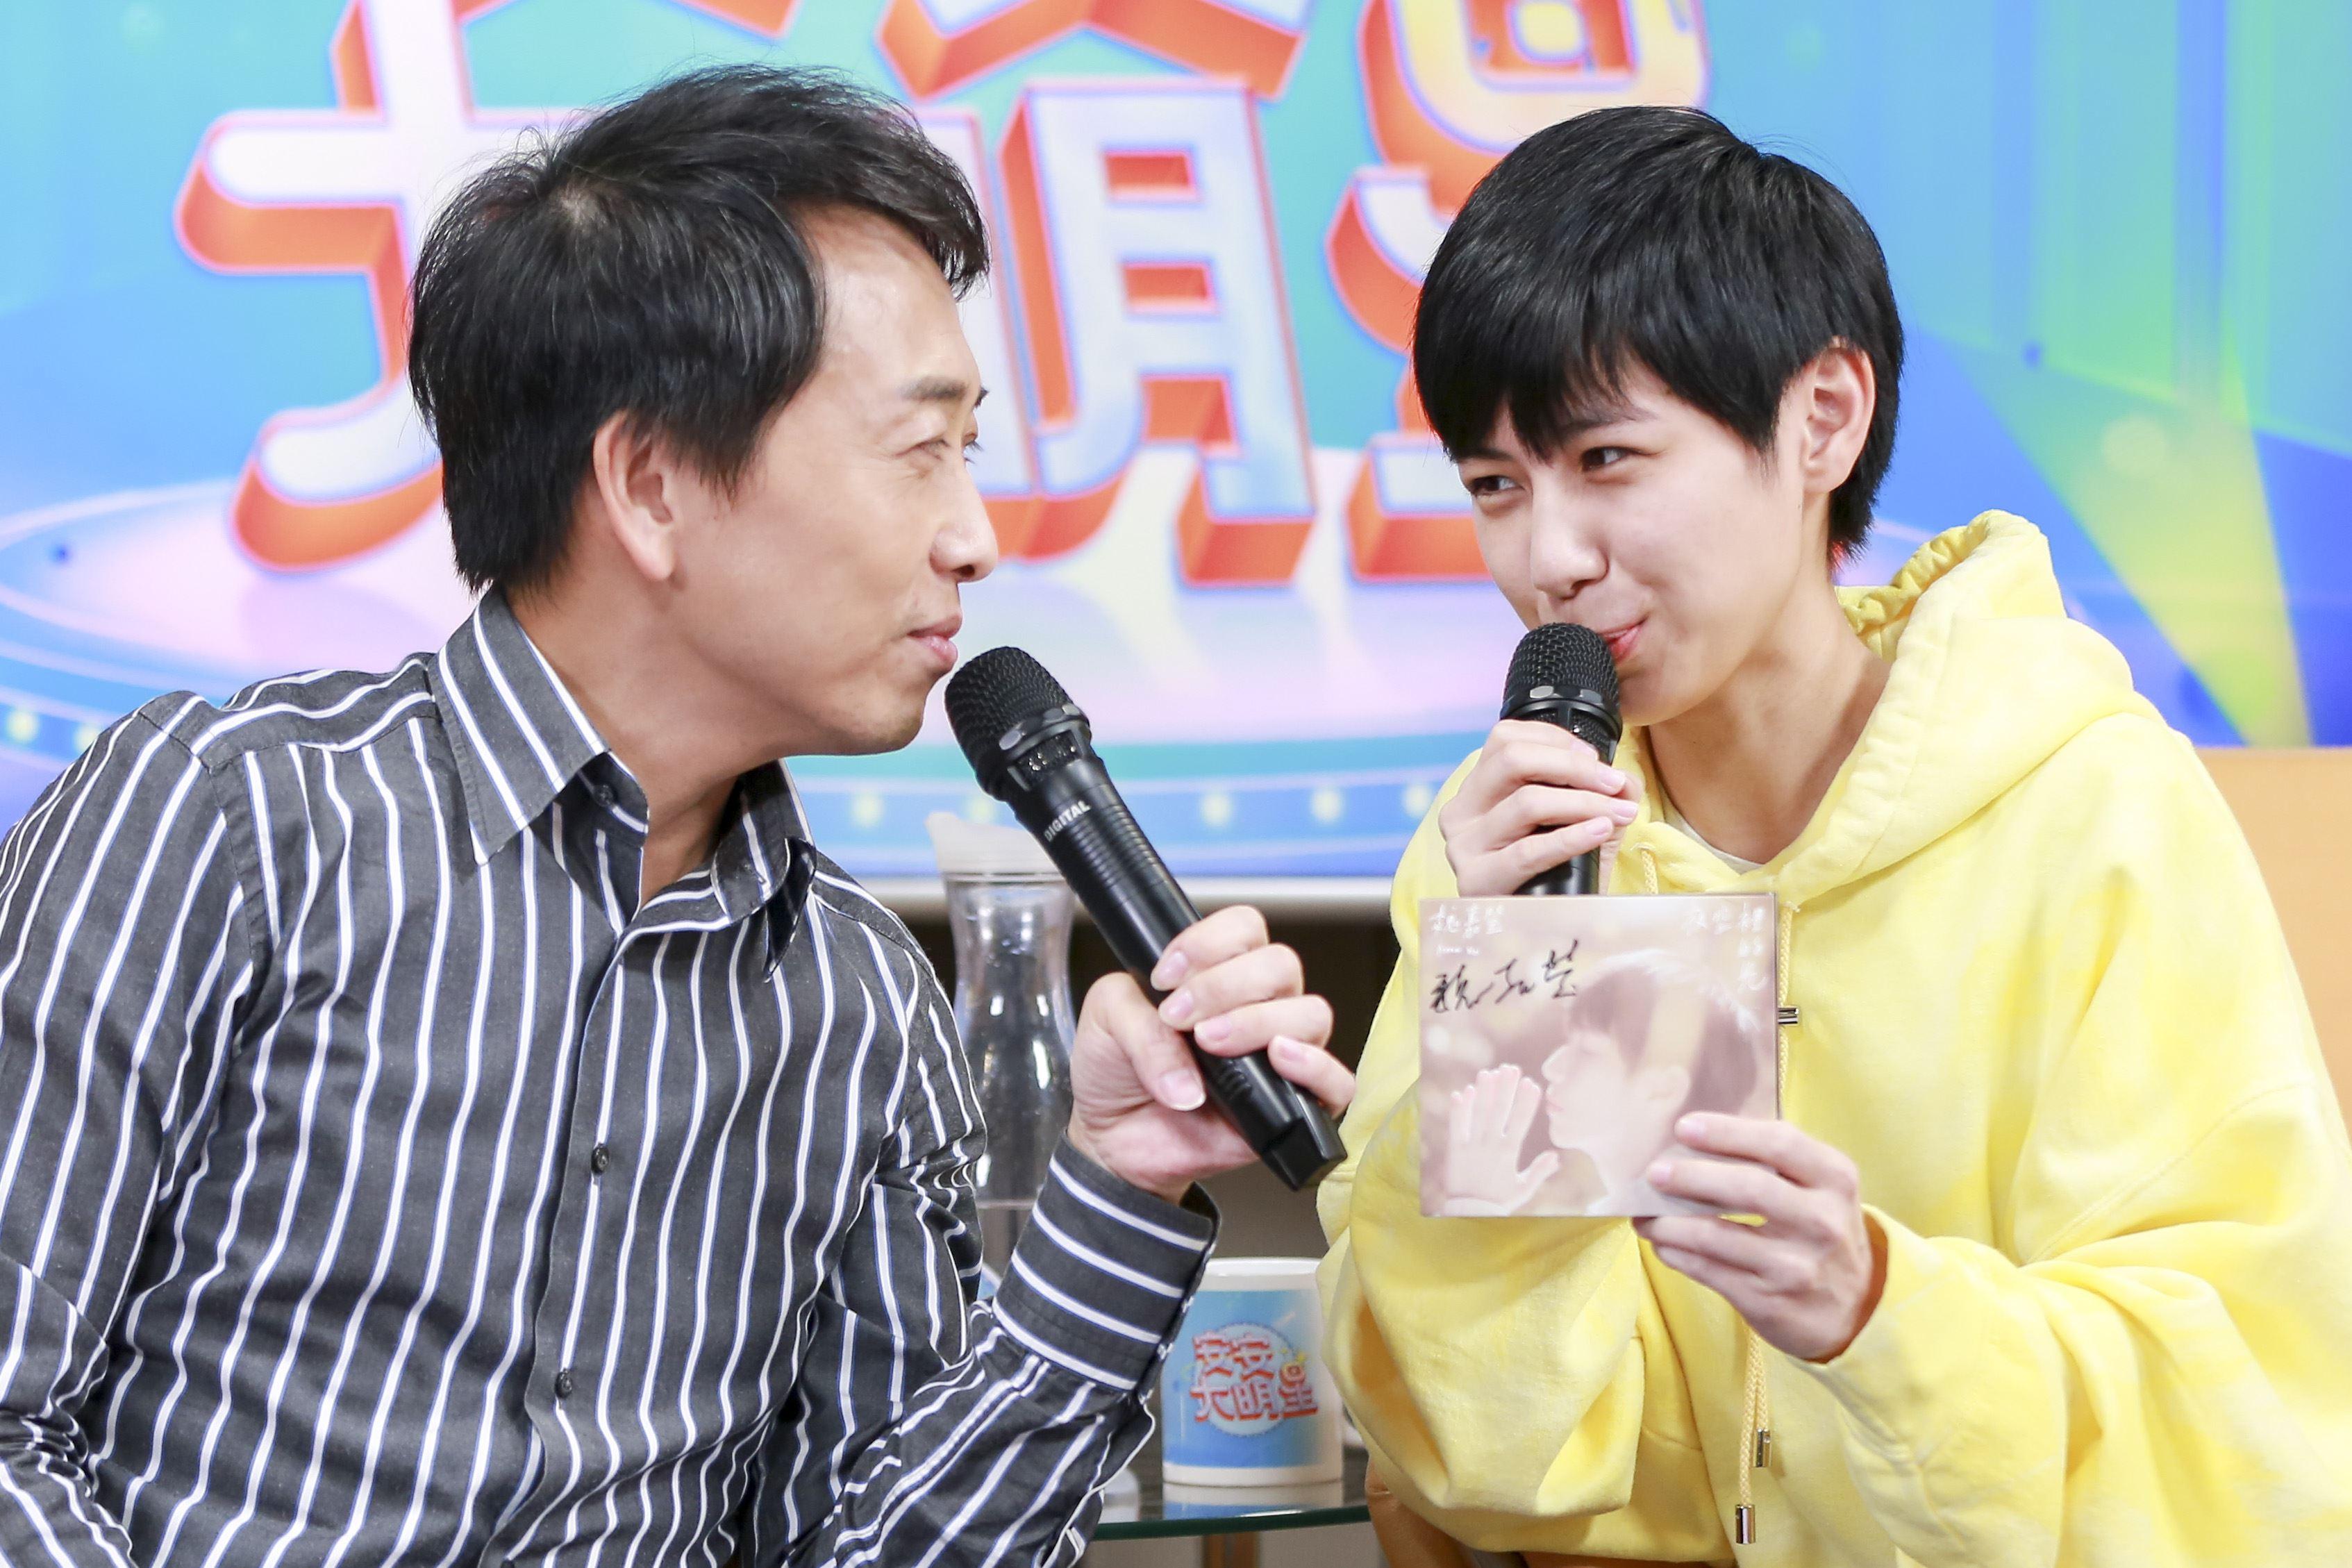 魏嘉瑩安安大明星。(圖/記者林士傑攝影)